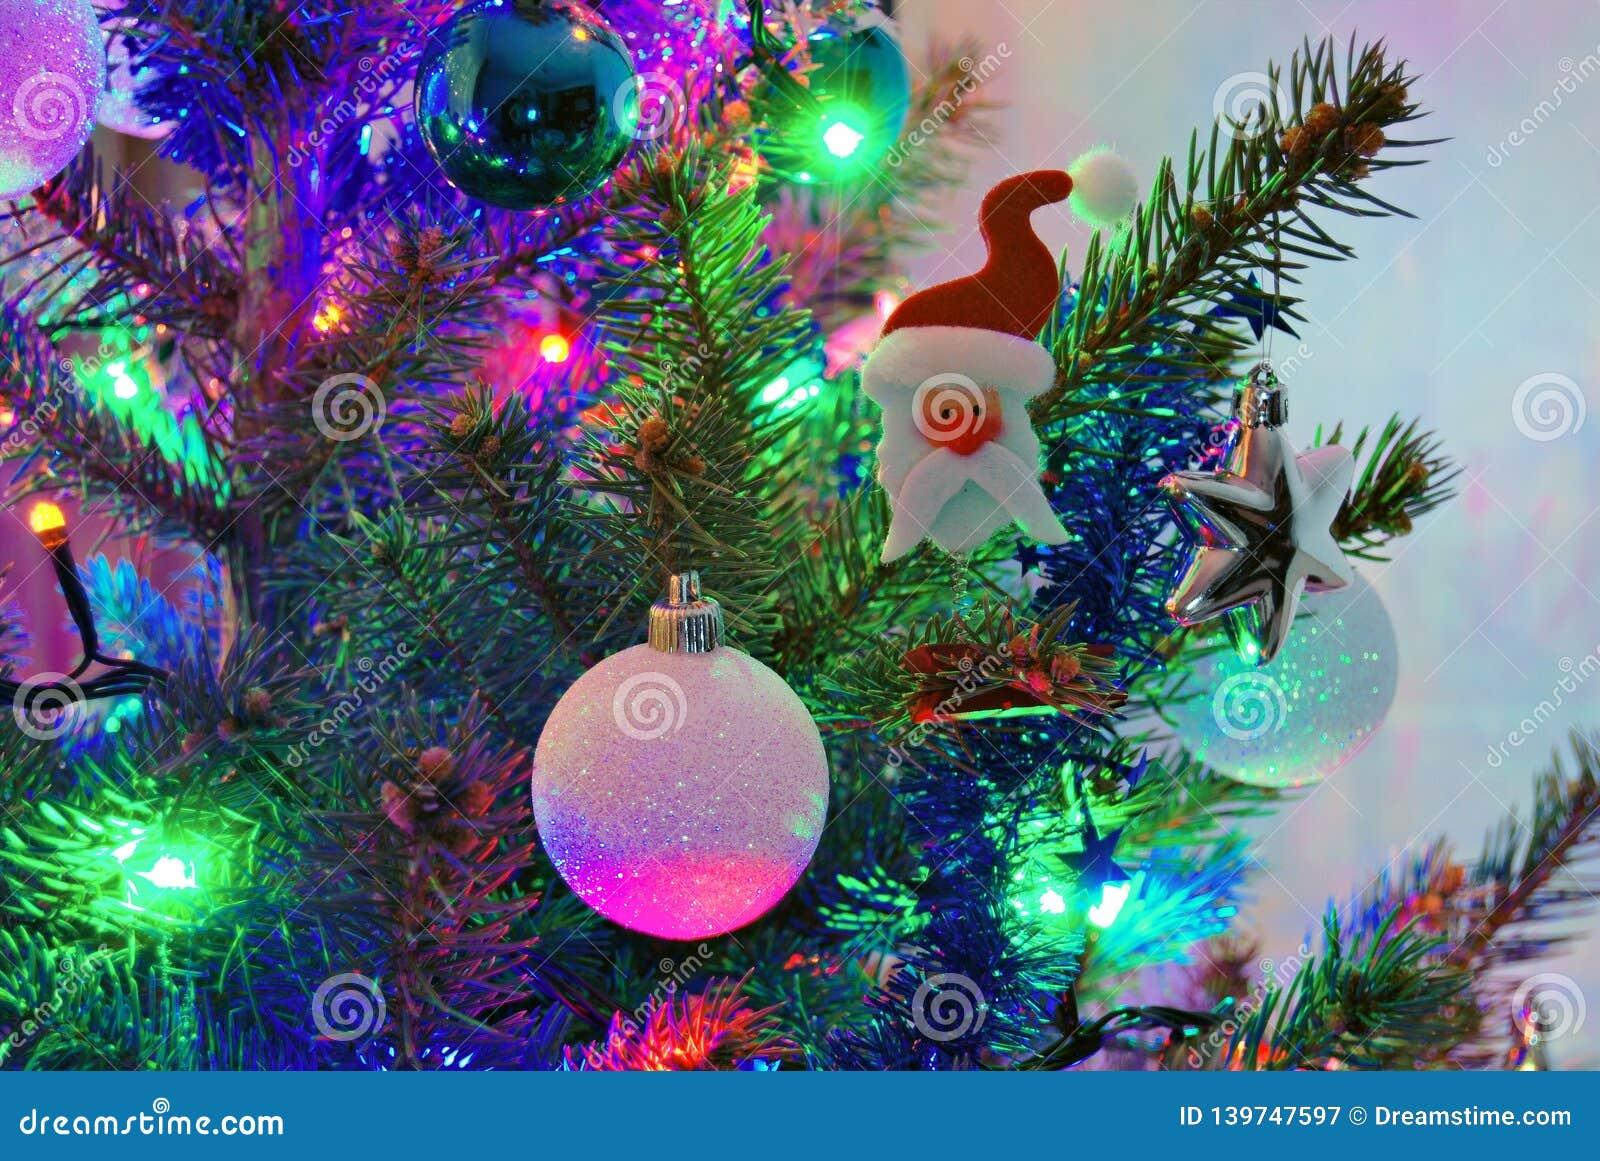 Santa Claus-beeldje in de Kerstboom